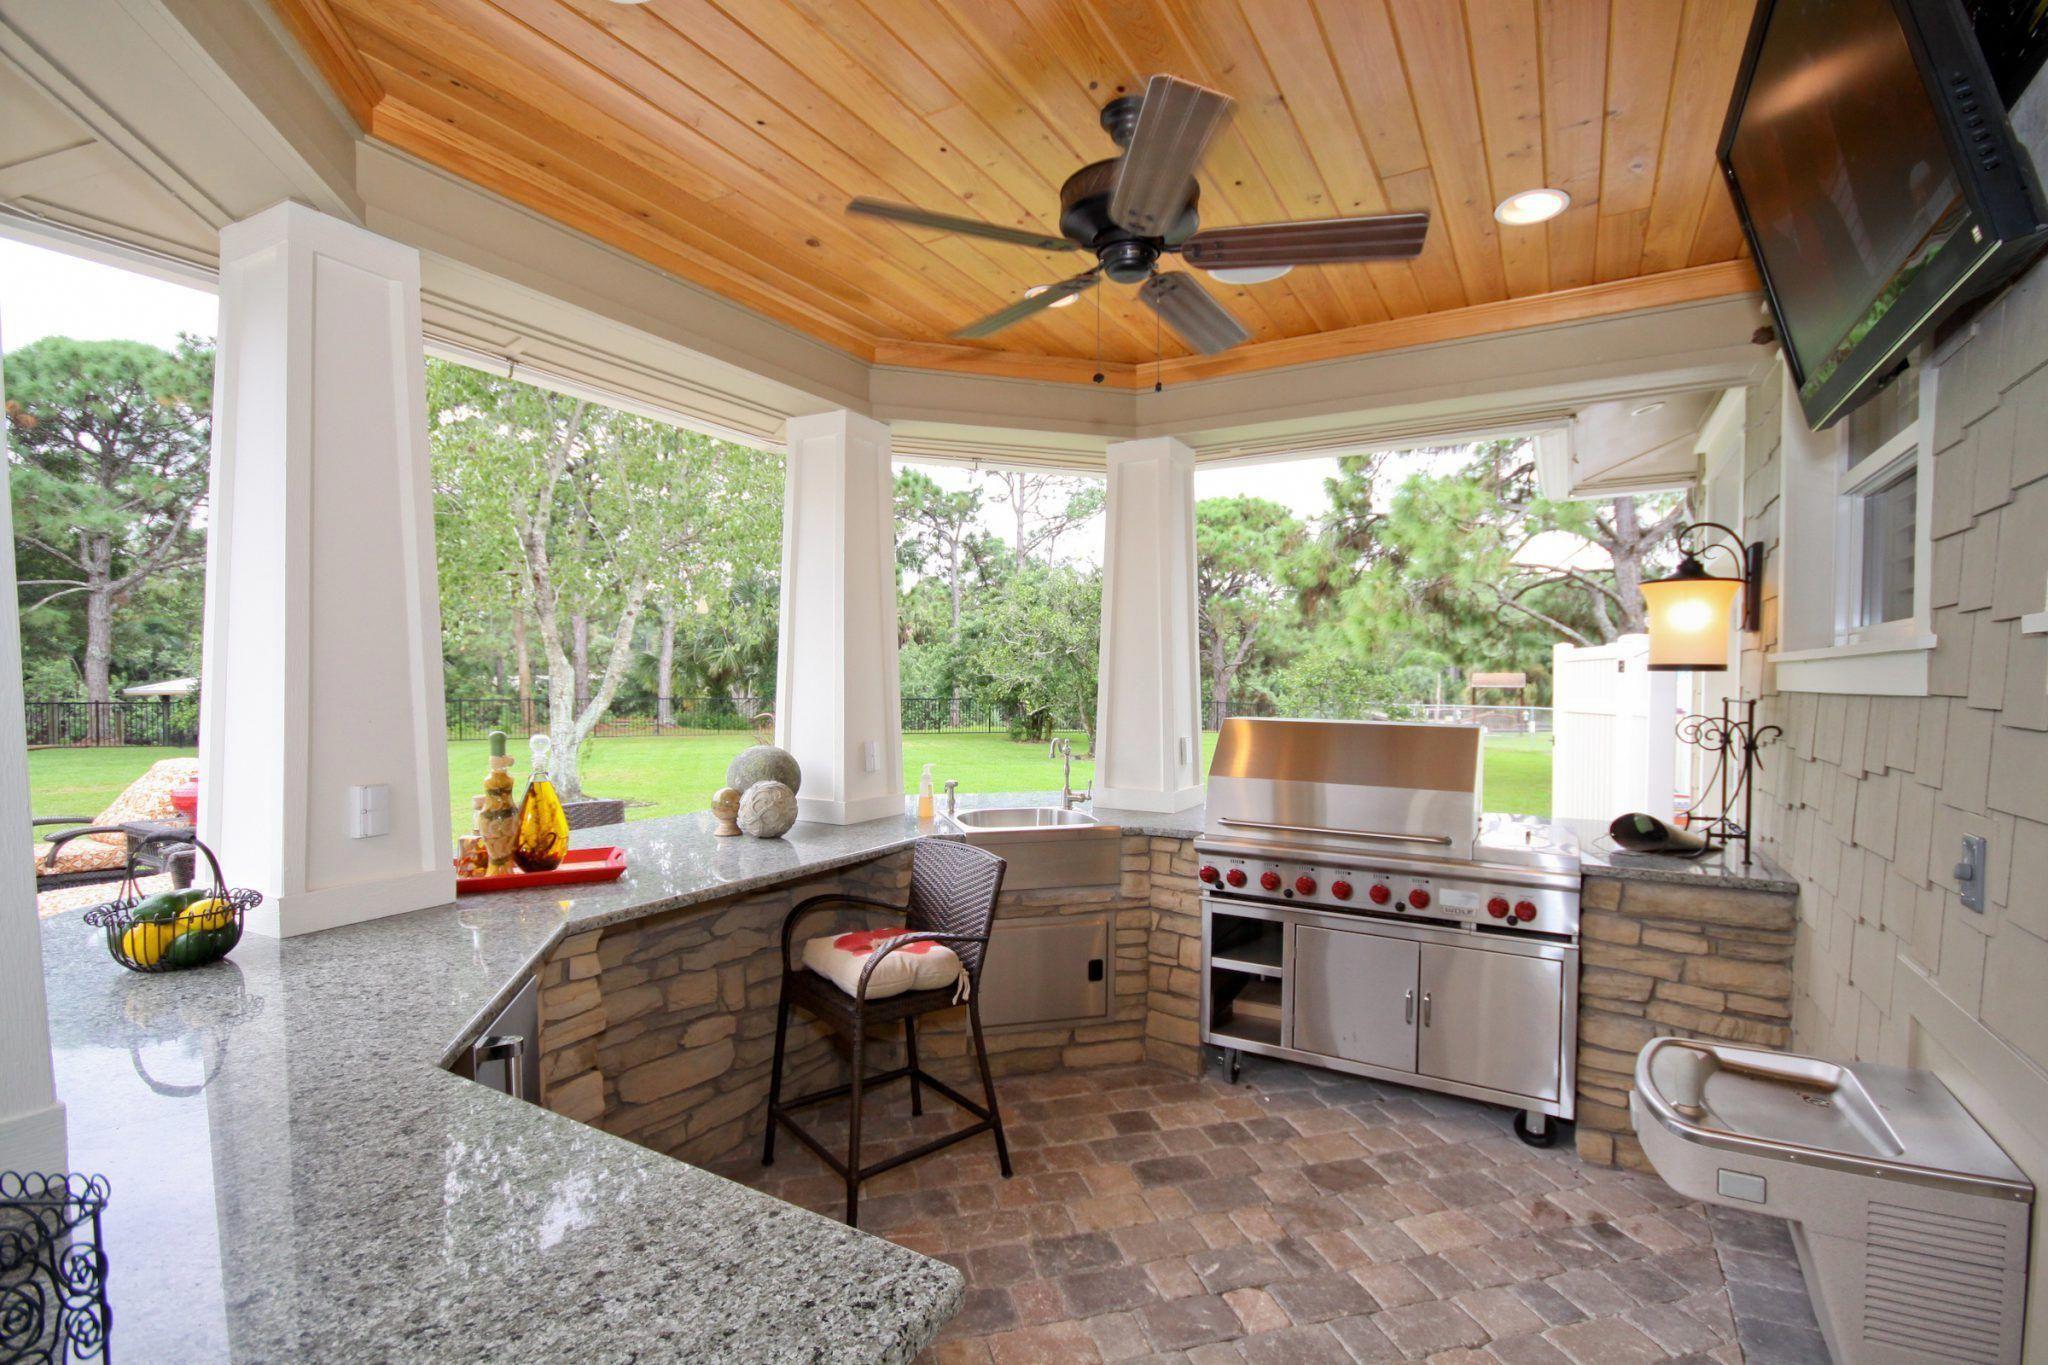 Kitchen design marvelous outdoor bbq kitchen ideas prefab inside